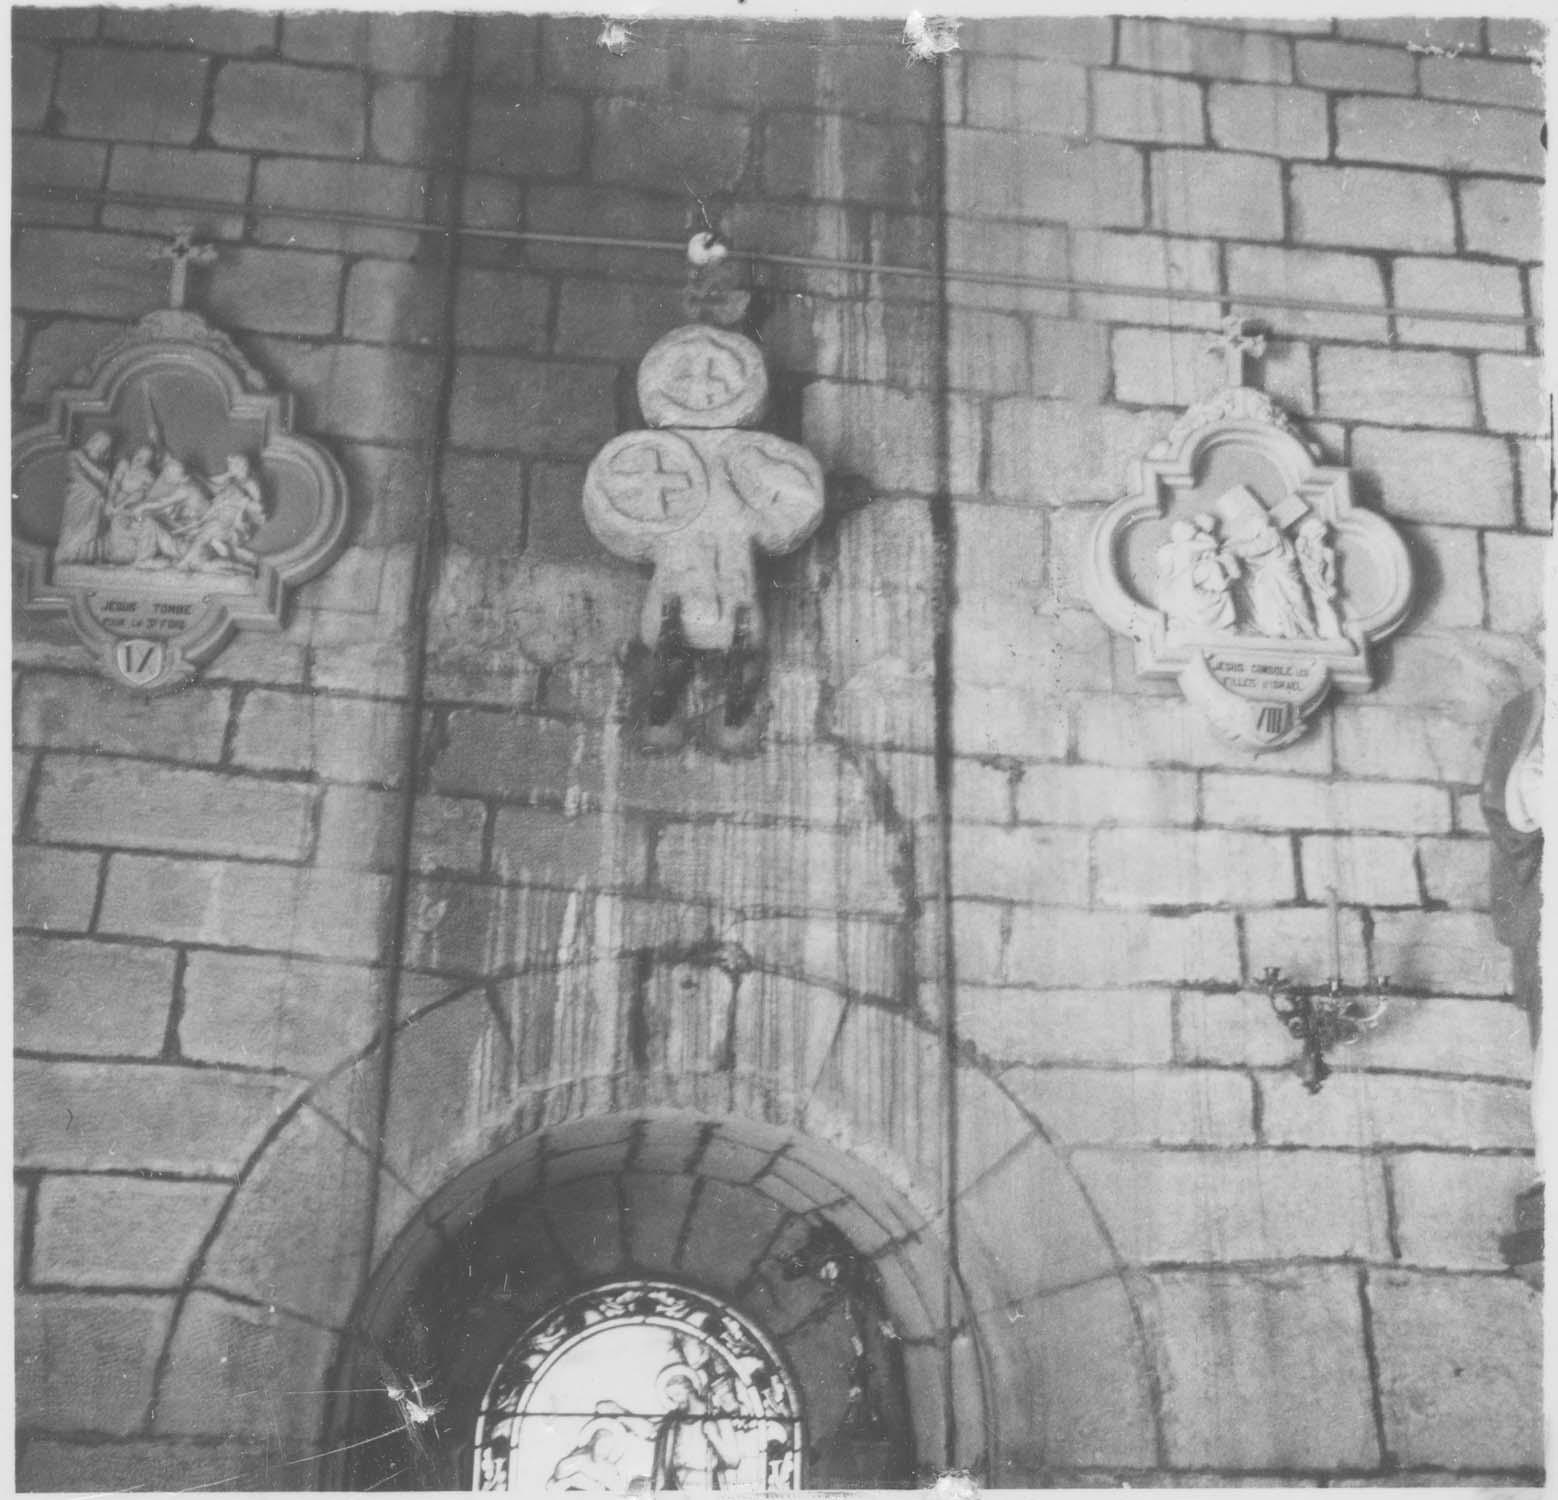 croix funéraire (croix de sépulture), vue générale